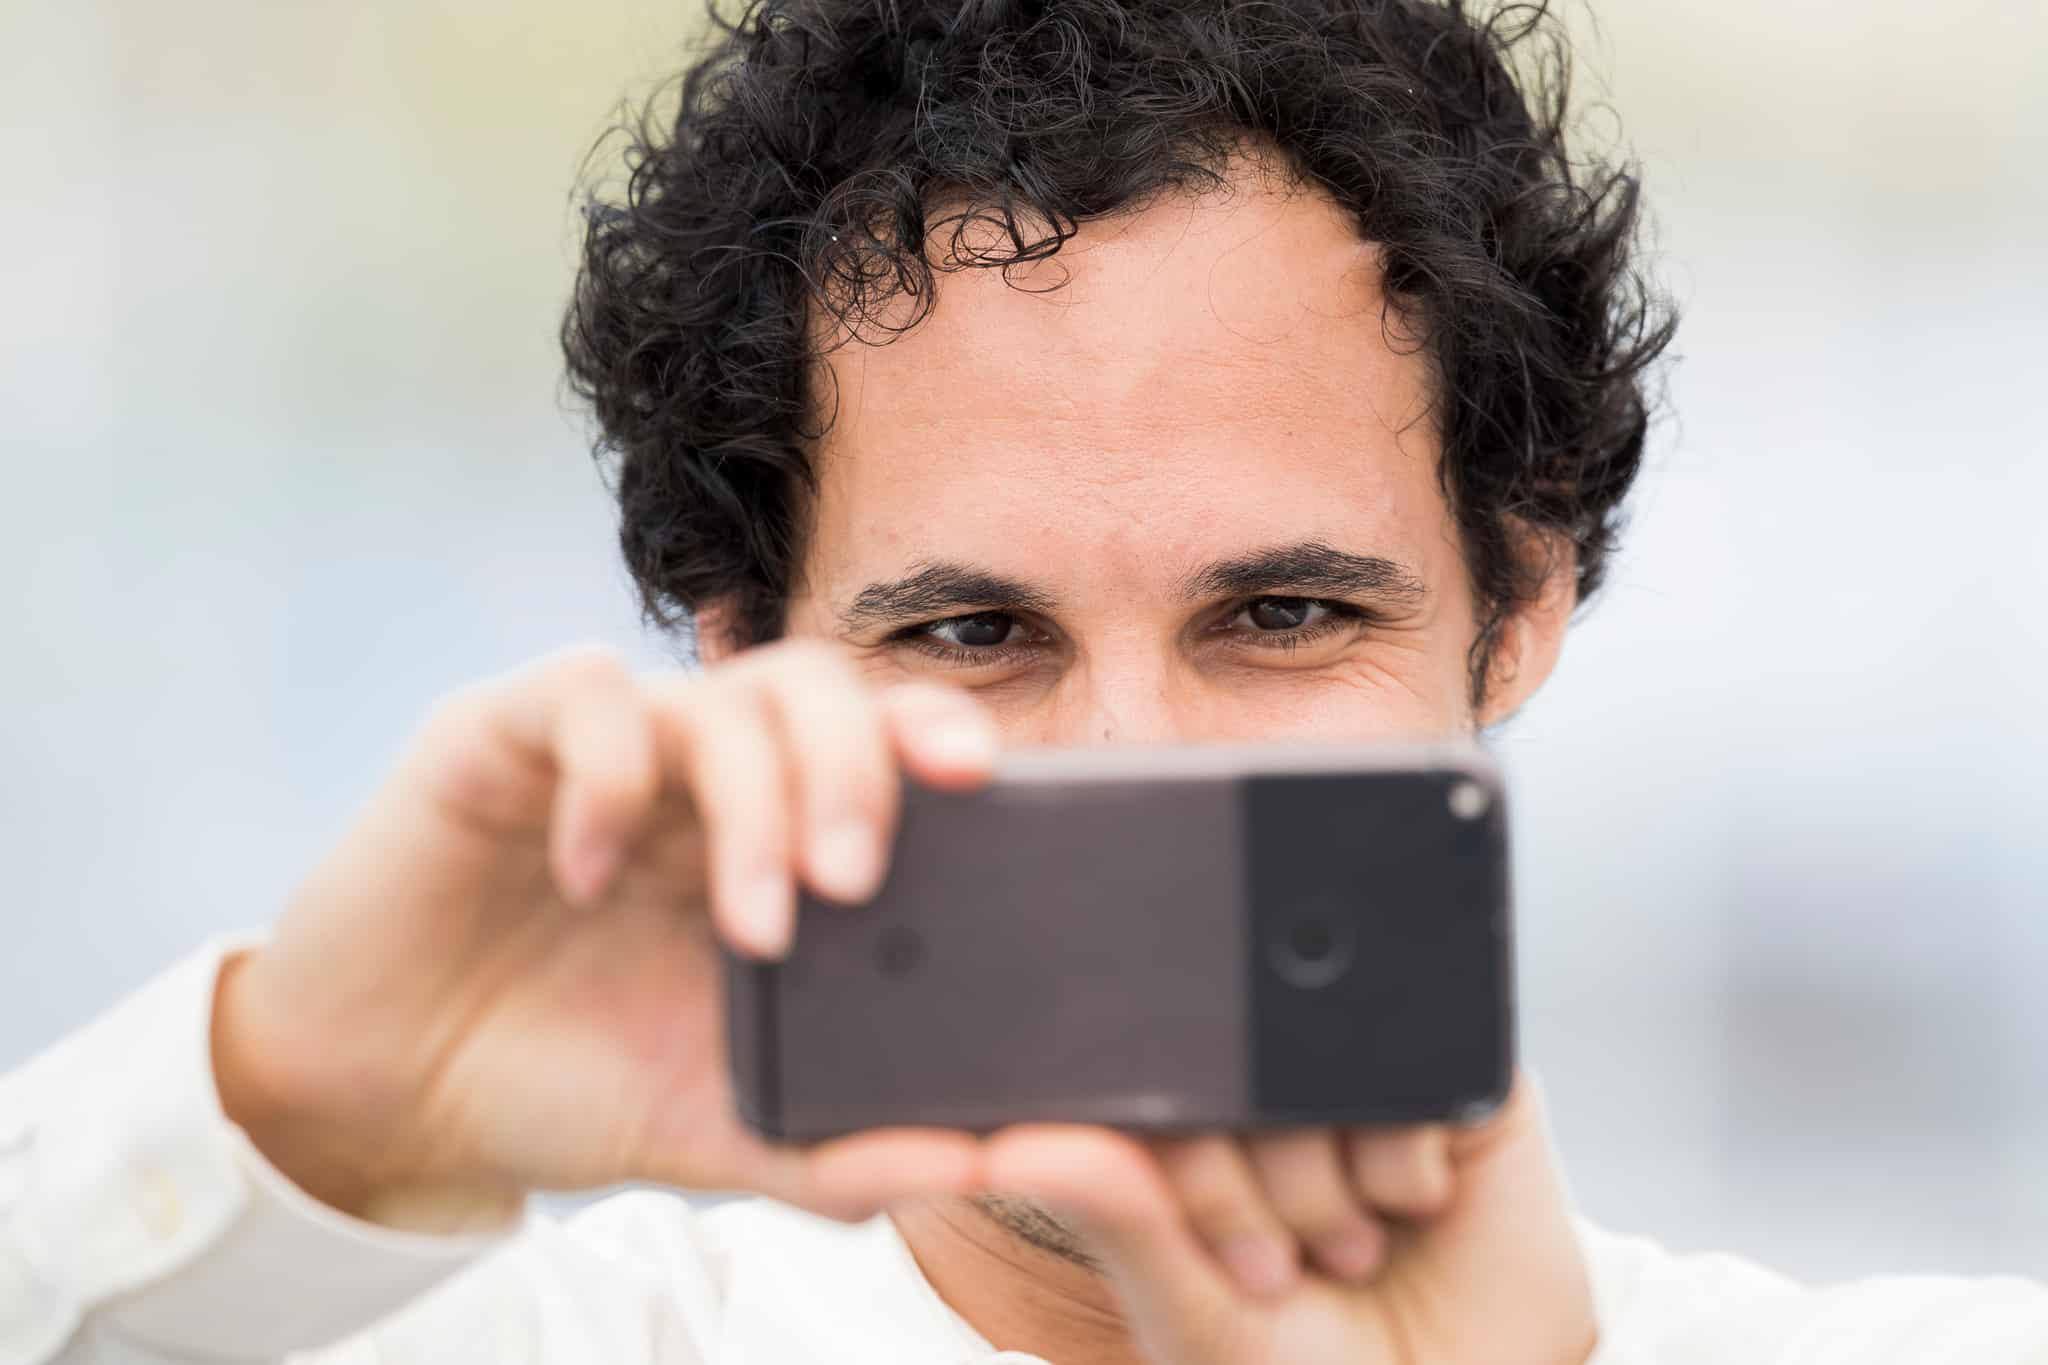 ali abbasi yönetmen